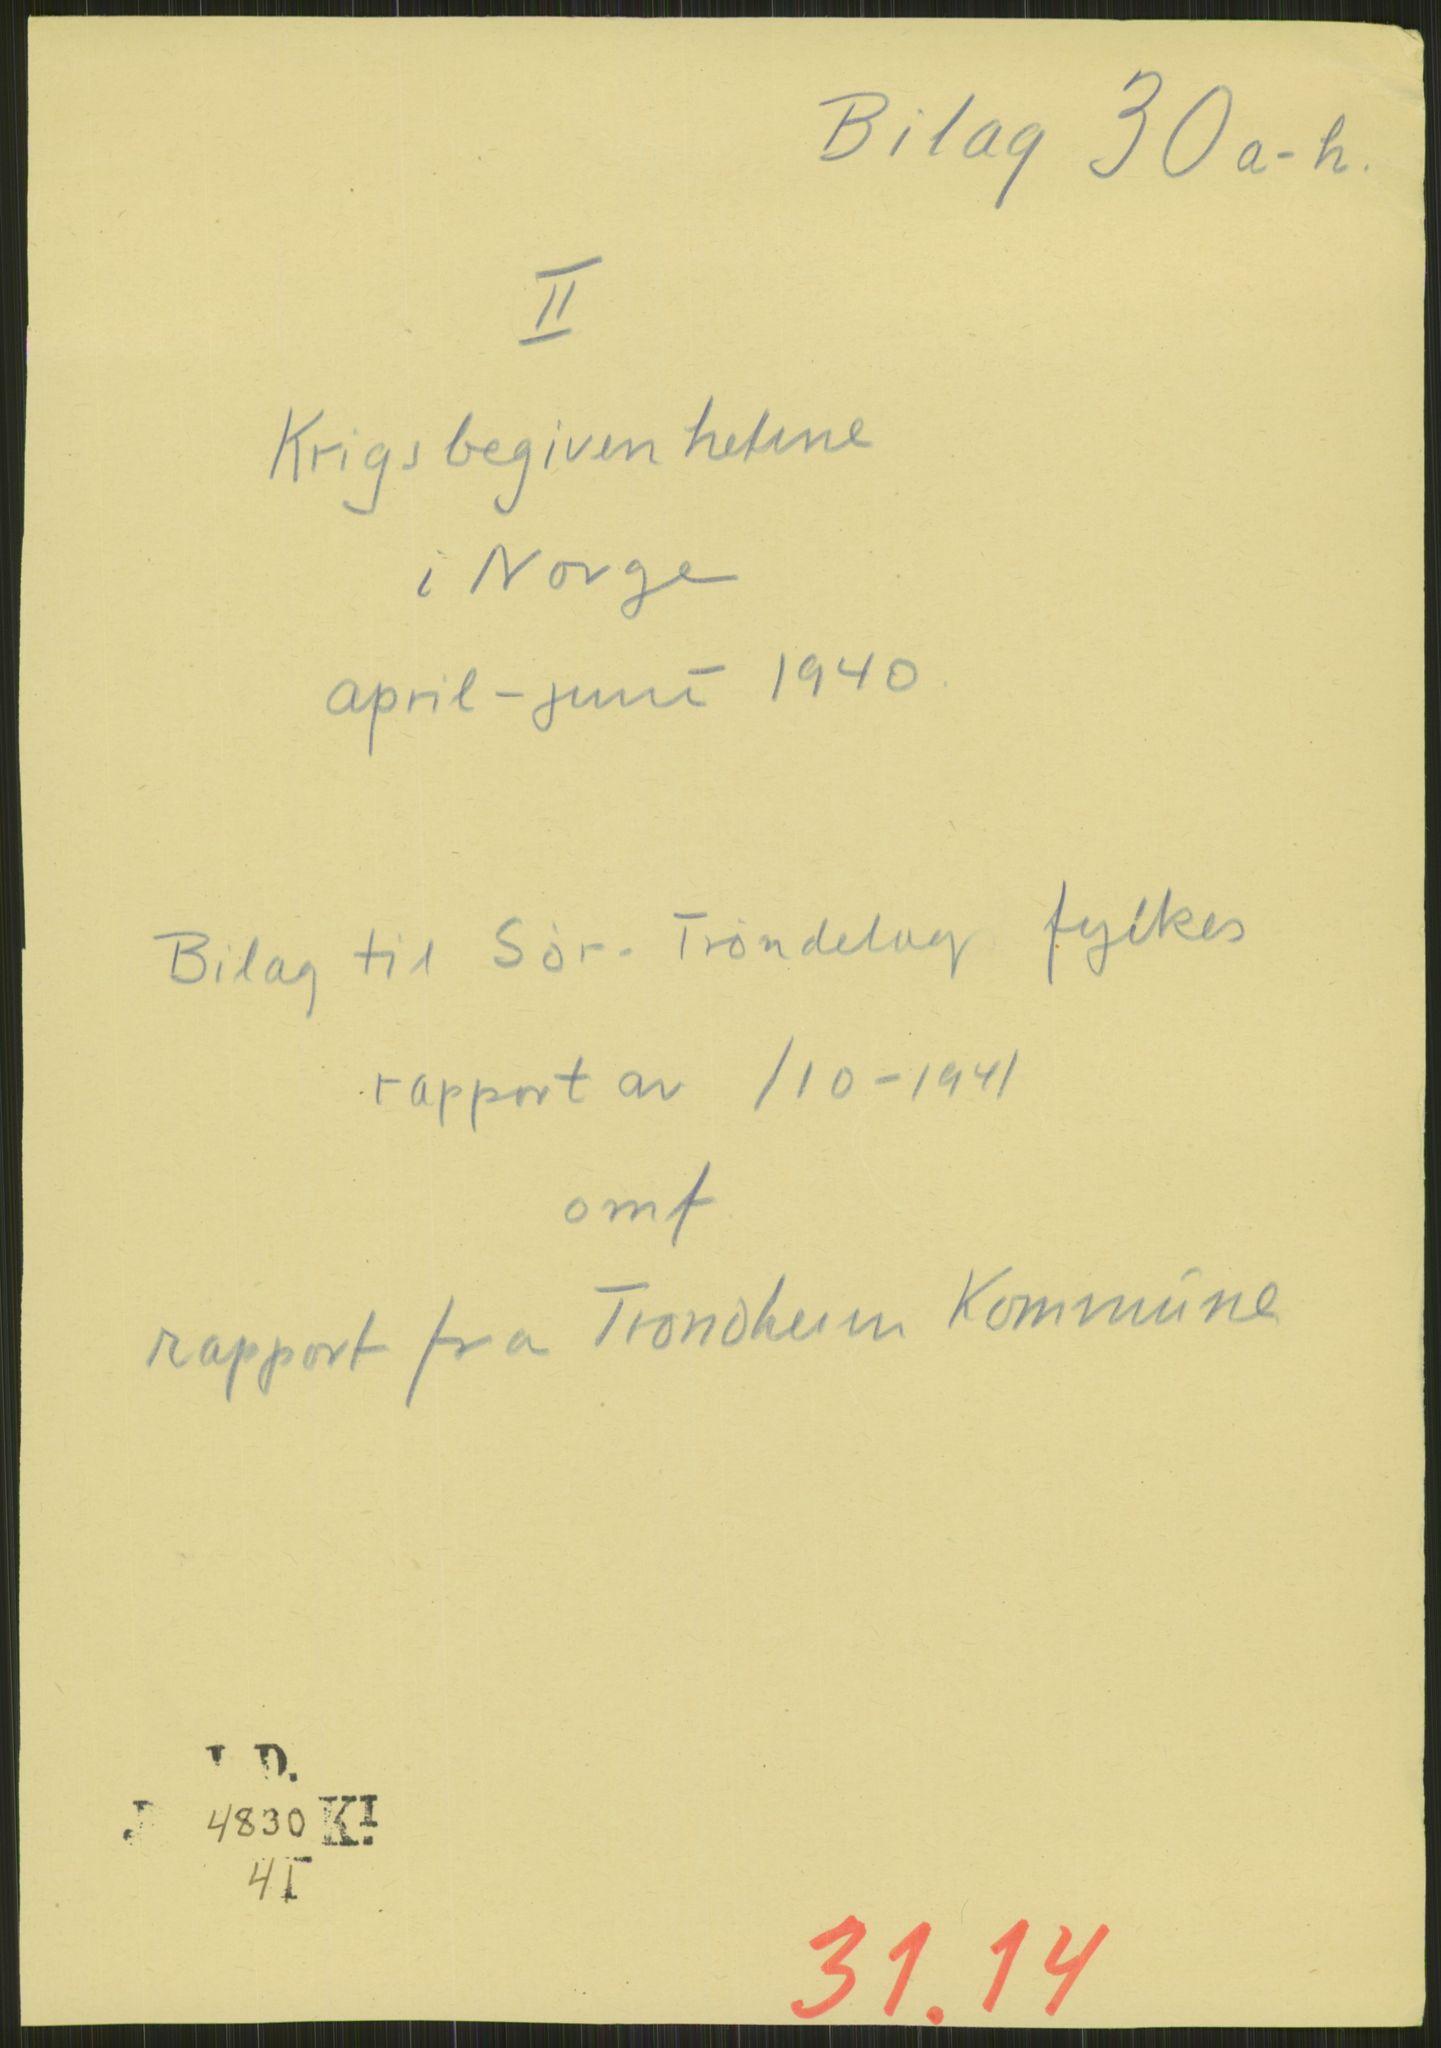 RA, Forsvaret, Forsvarets krigshistoriske avdeling, Y/Ya/L0016: II-C-11-31 - Fylkesmenn.  Rapporter om krigsbegivenhetene 1940., 1940, p. 219